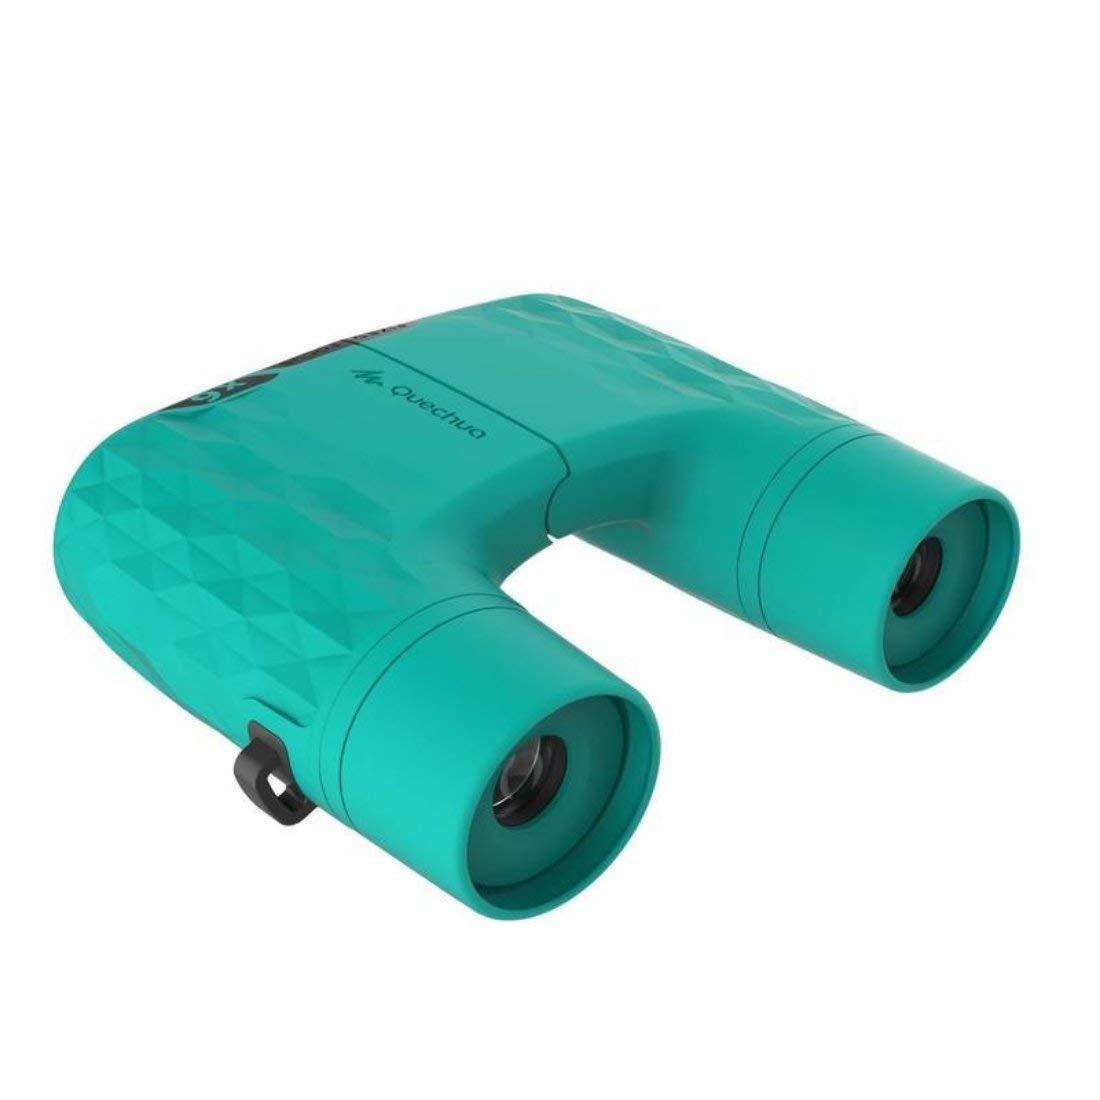 QUECHUA MH B 100 - Binoculares de imitación para Adulto de Calcetines de Senderismo X6: Amazon.es: Electrónica